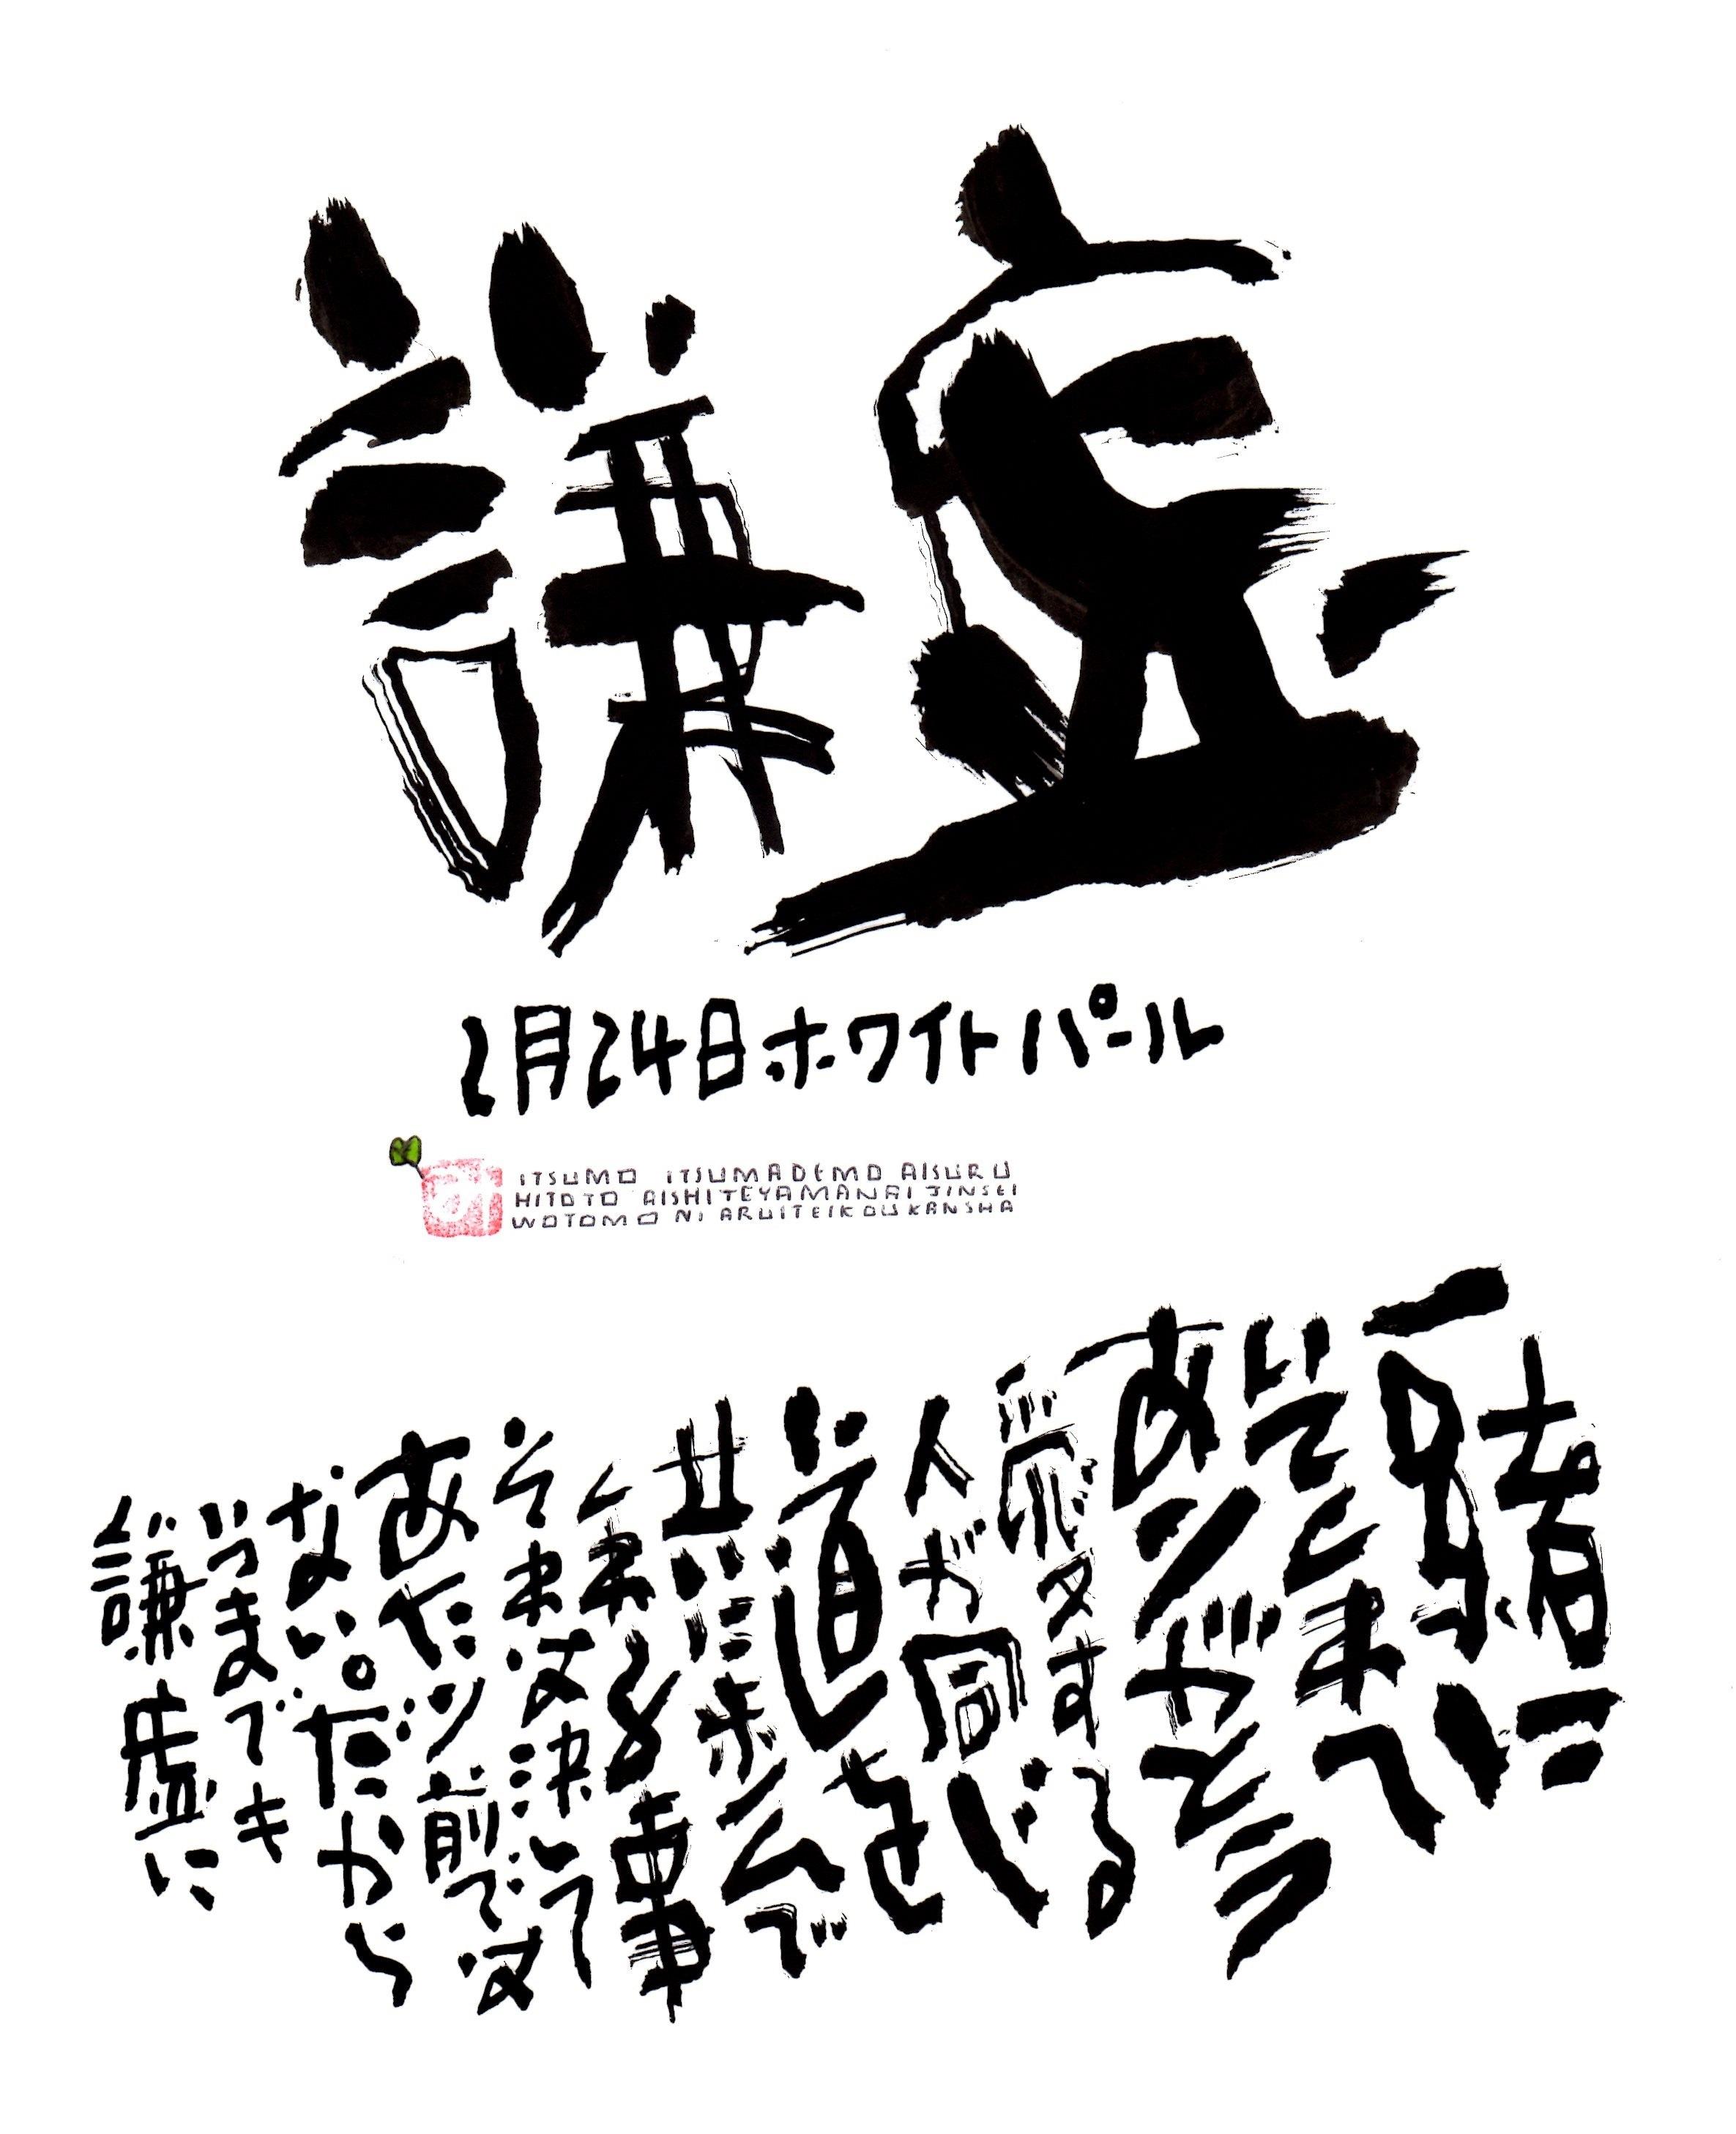 2月24日 結婚記念日ポストカード【謙虚】